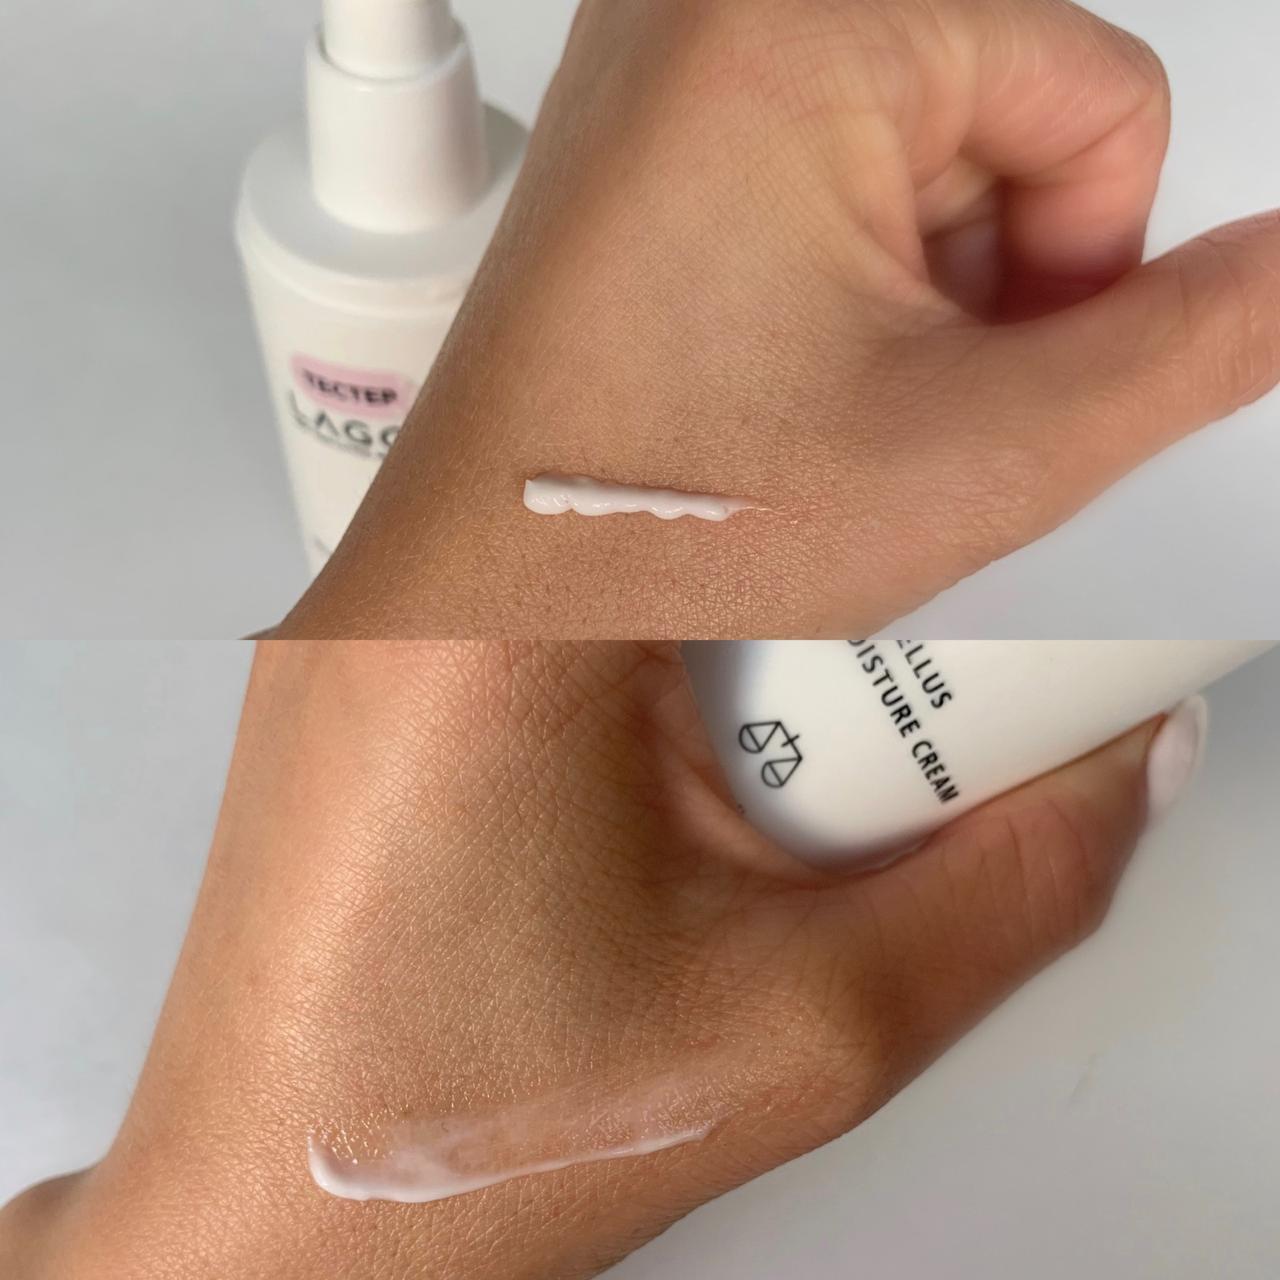 Крем для лица LAGOM Cellus Mild Moisture Cream 80 мл